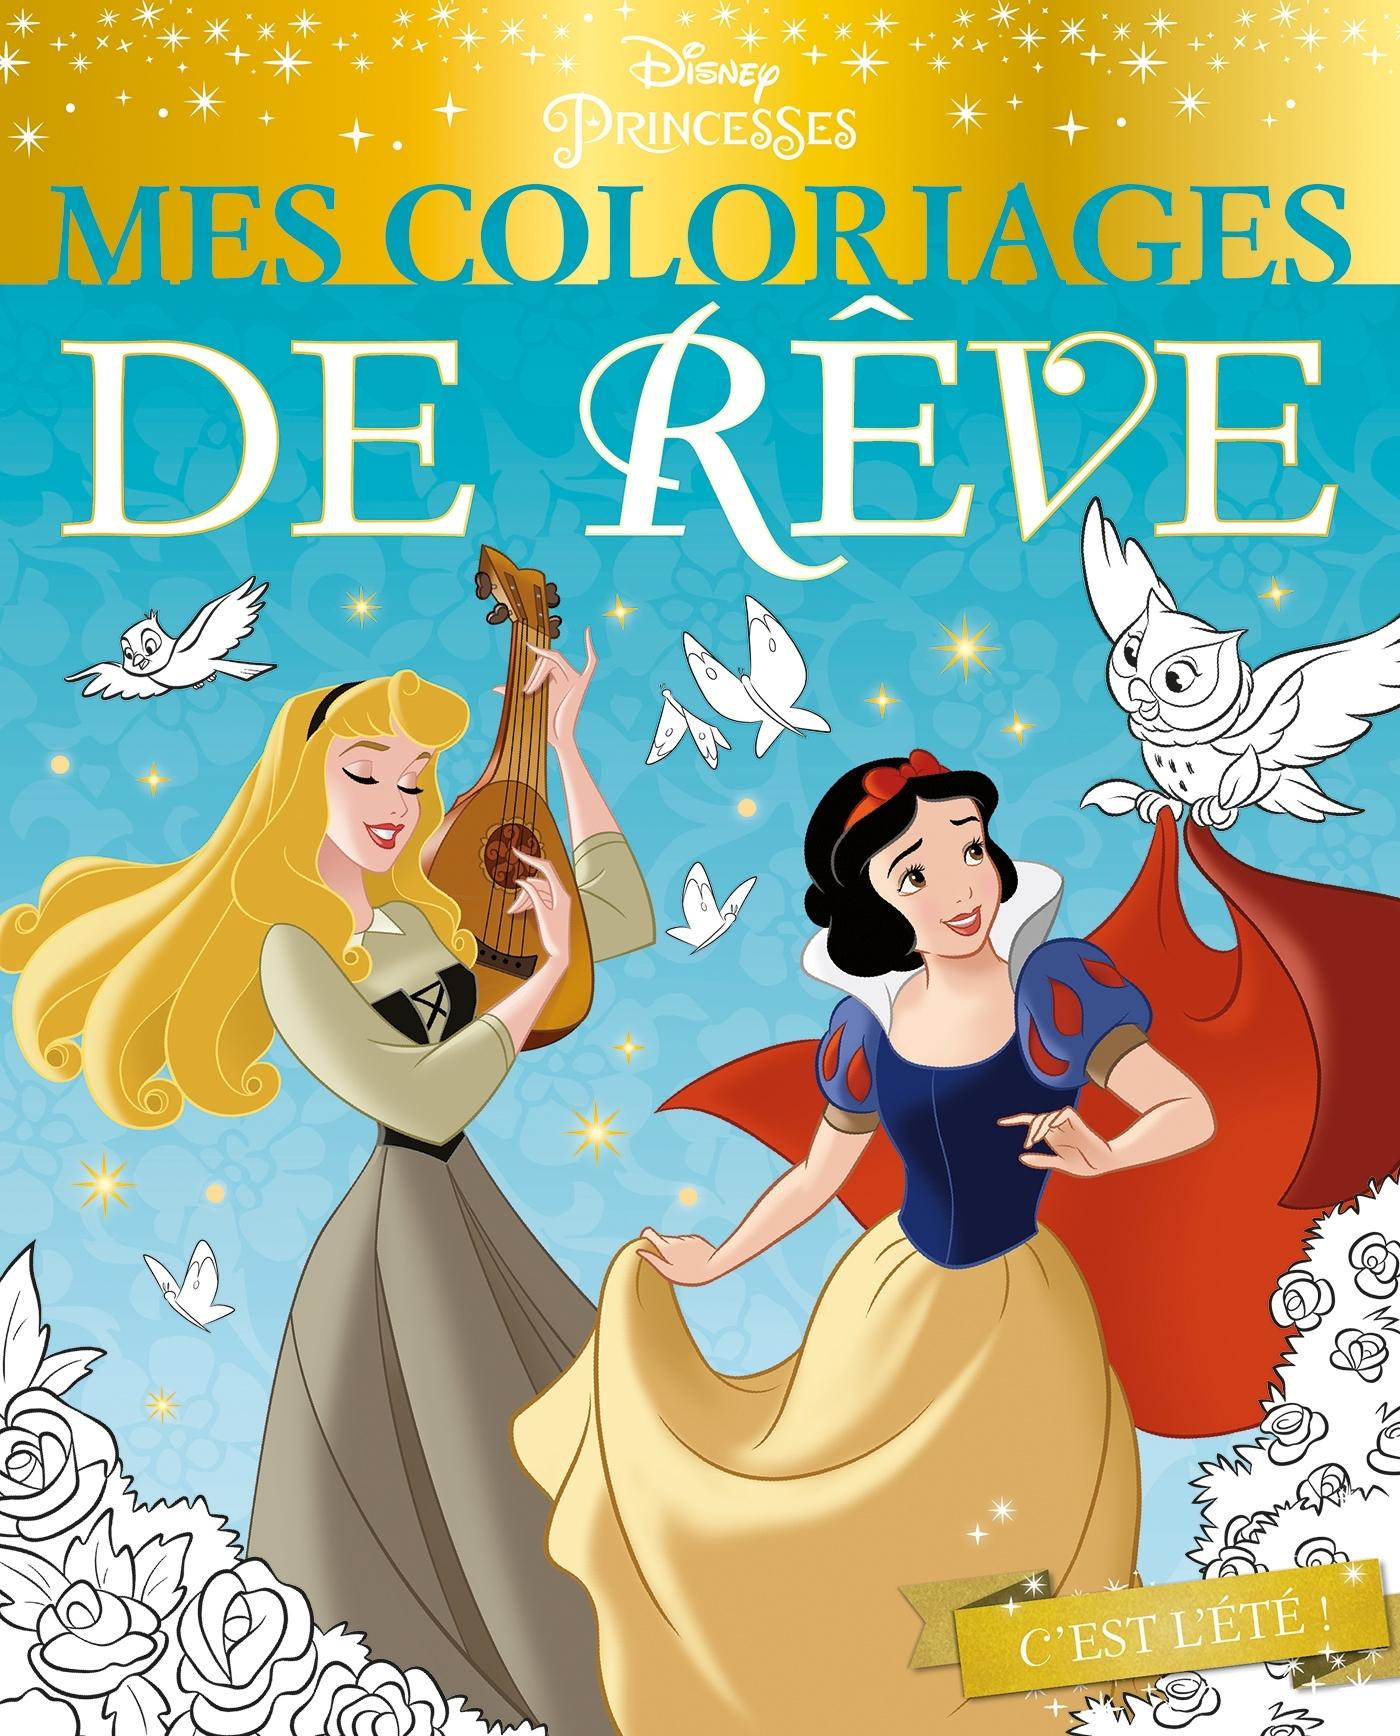 DISNEY PRINCESSES - MES COLORIAGES DE REVE